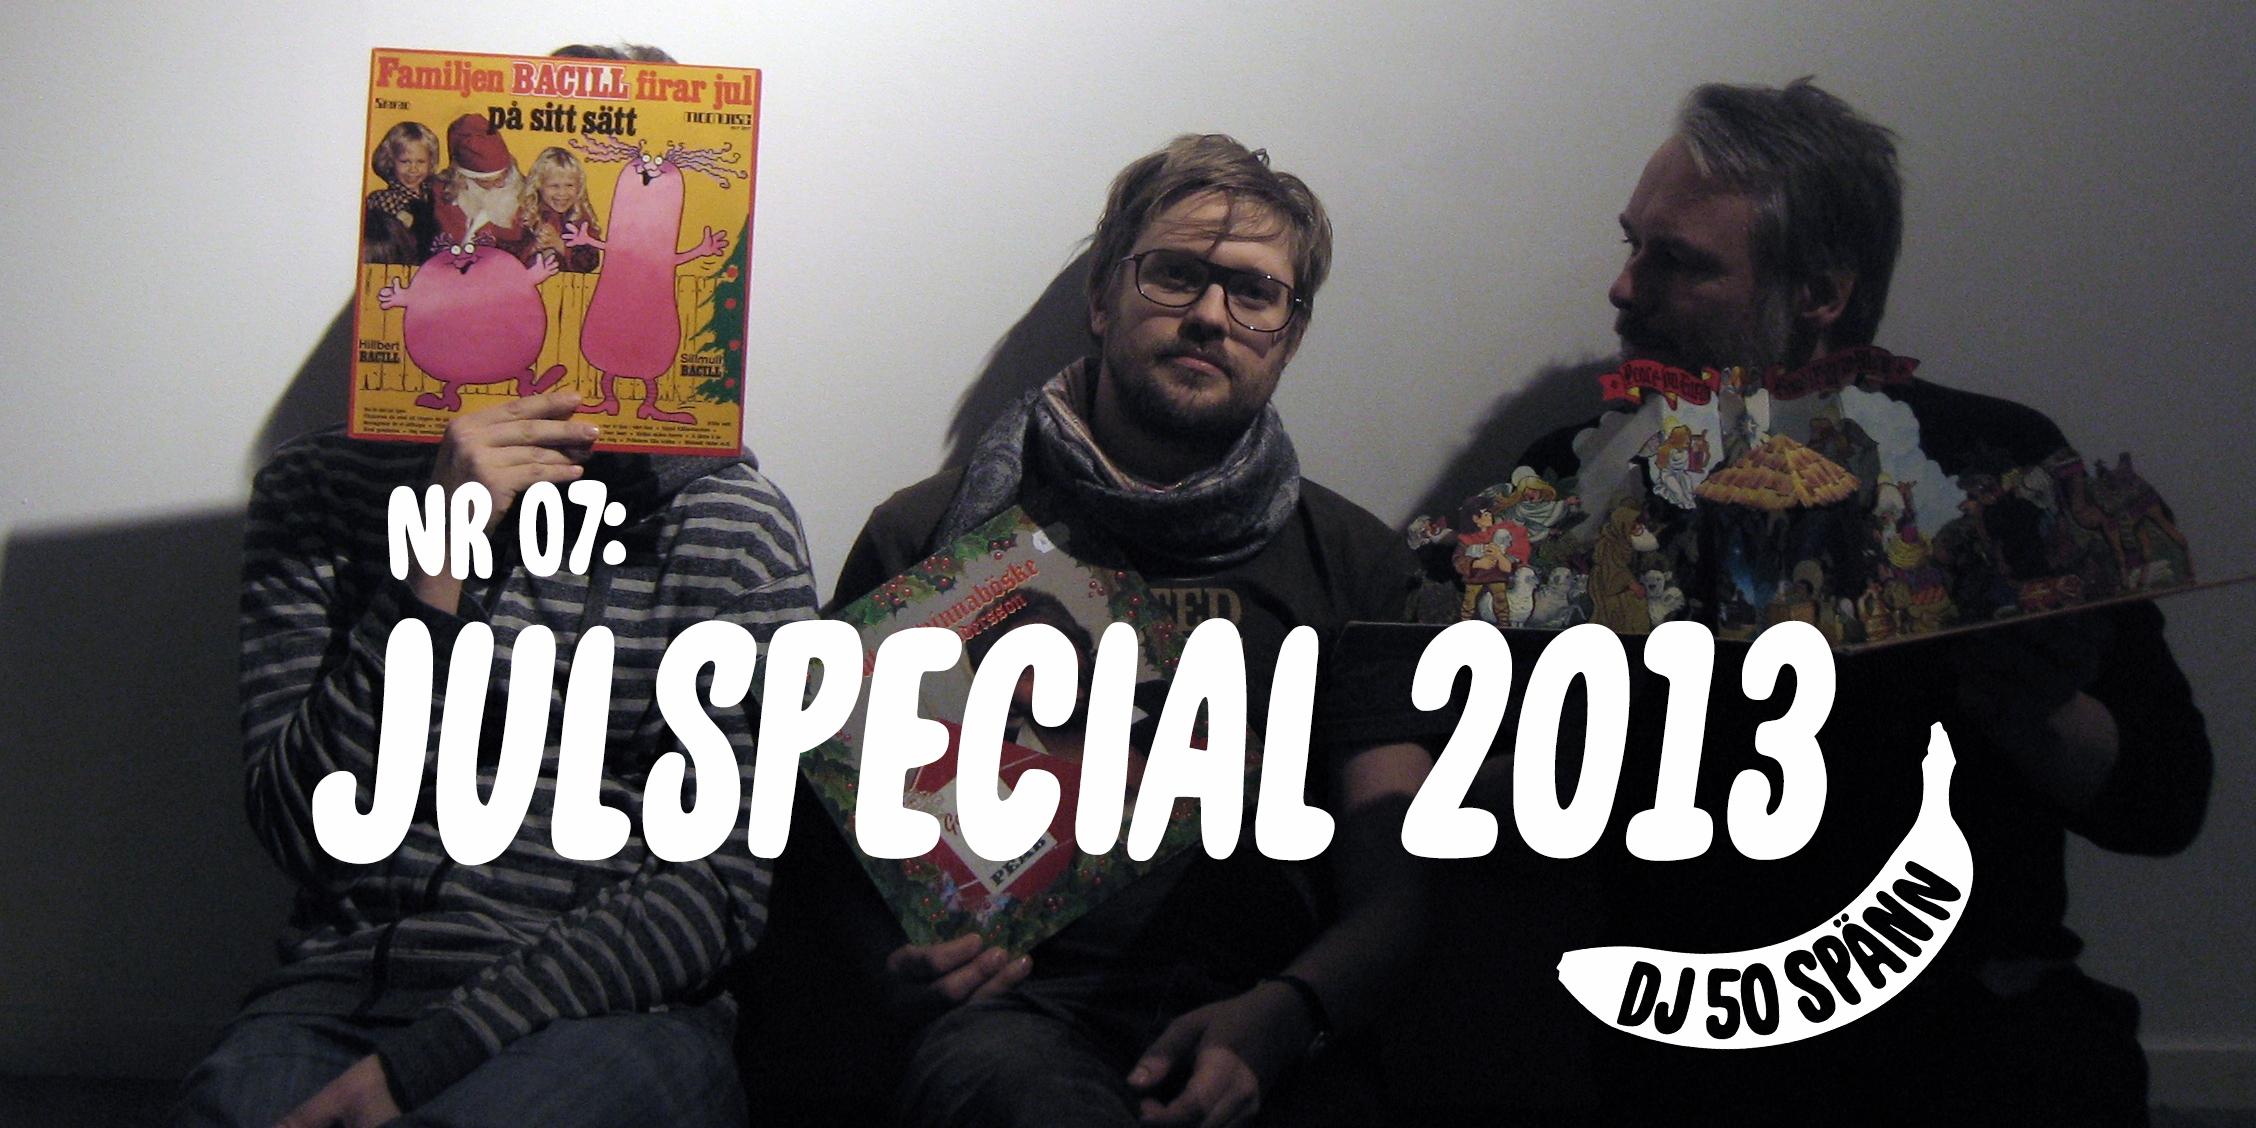 julspecial 2013